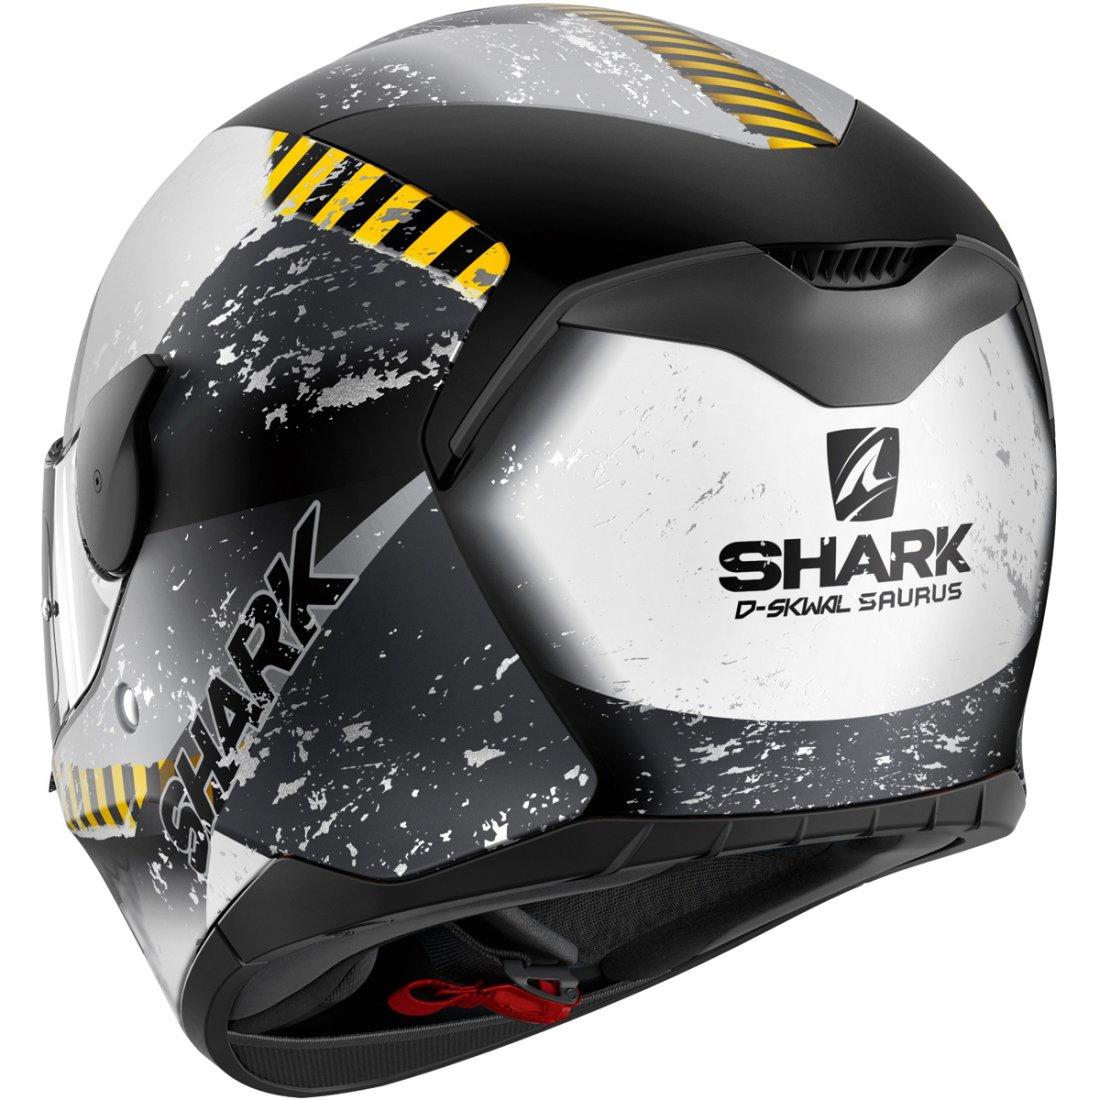 shark d skwal saurus mat black white anthracite helmet. Black Bedroom Furniture Sets. Home Design Ideas